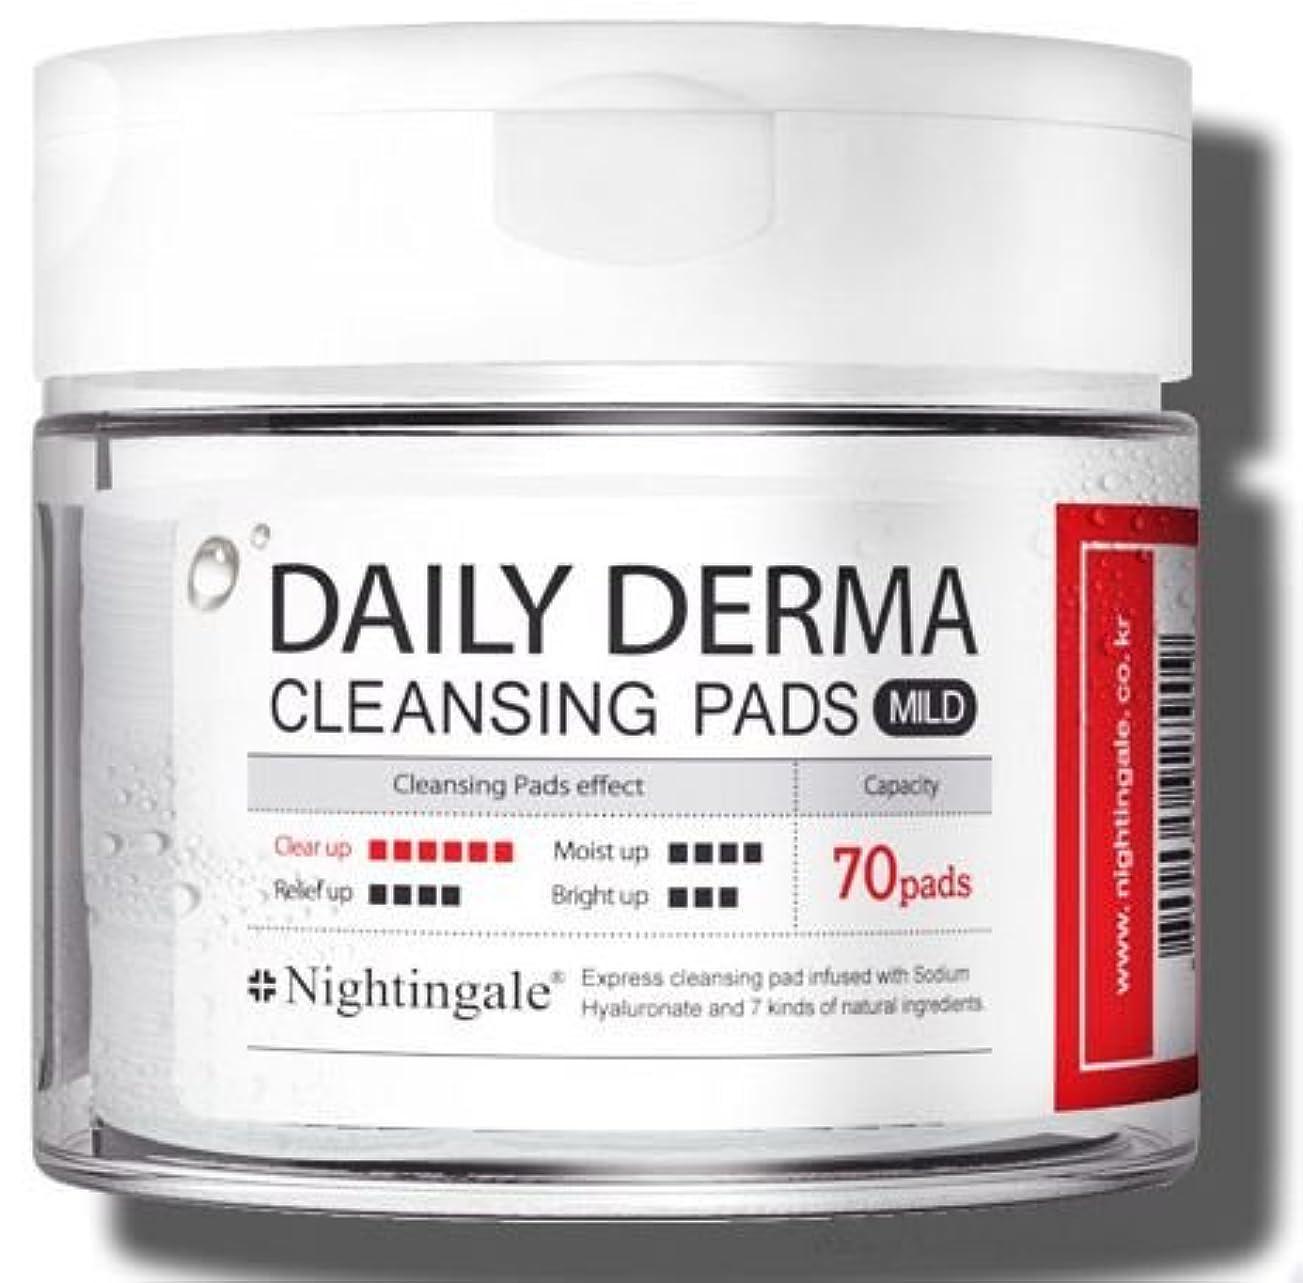 不器用看板よりNightingale Daily Derma Cleansing Pads * Mild * 70pads/ナイチンゲール デイリー ダーマ クレンジング パッド * マイルド * 70枚入り [並行輸入品]